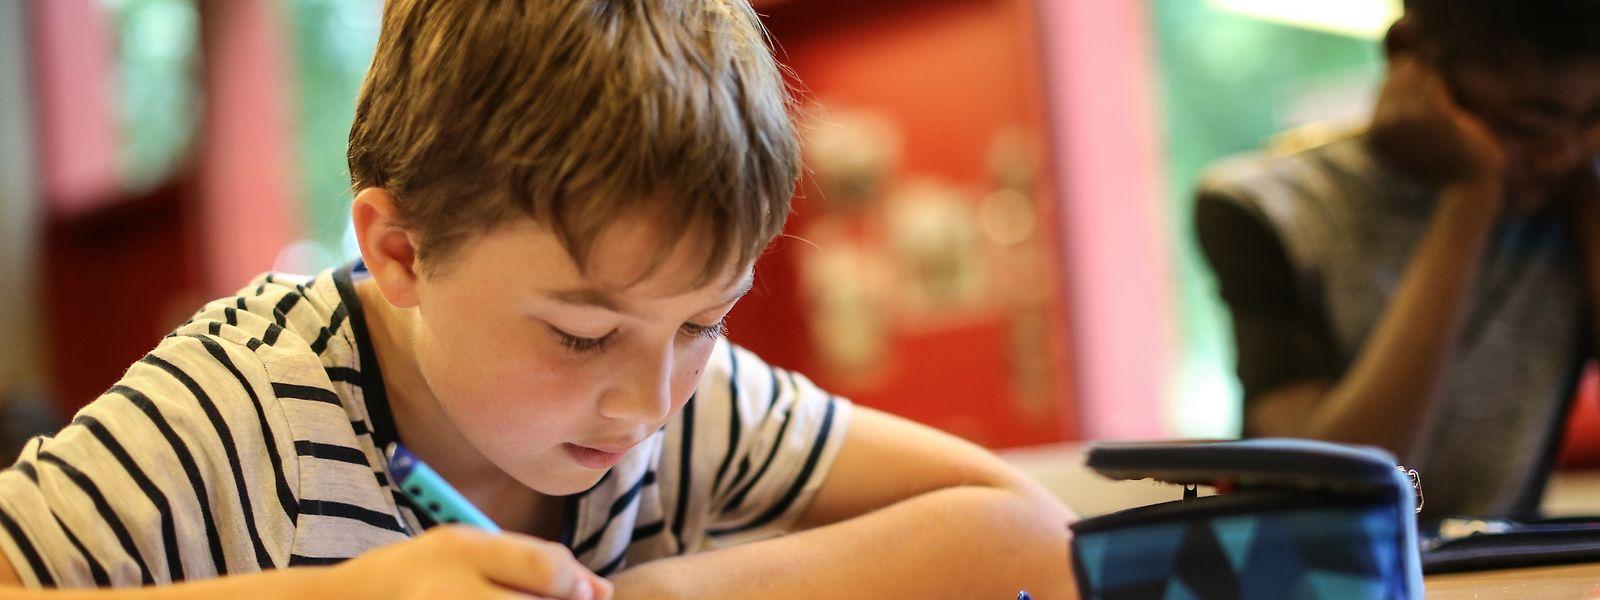 Am 17. September heißt es für Tausende Kinder wieder früh aufstehen und lernen.